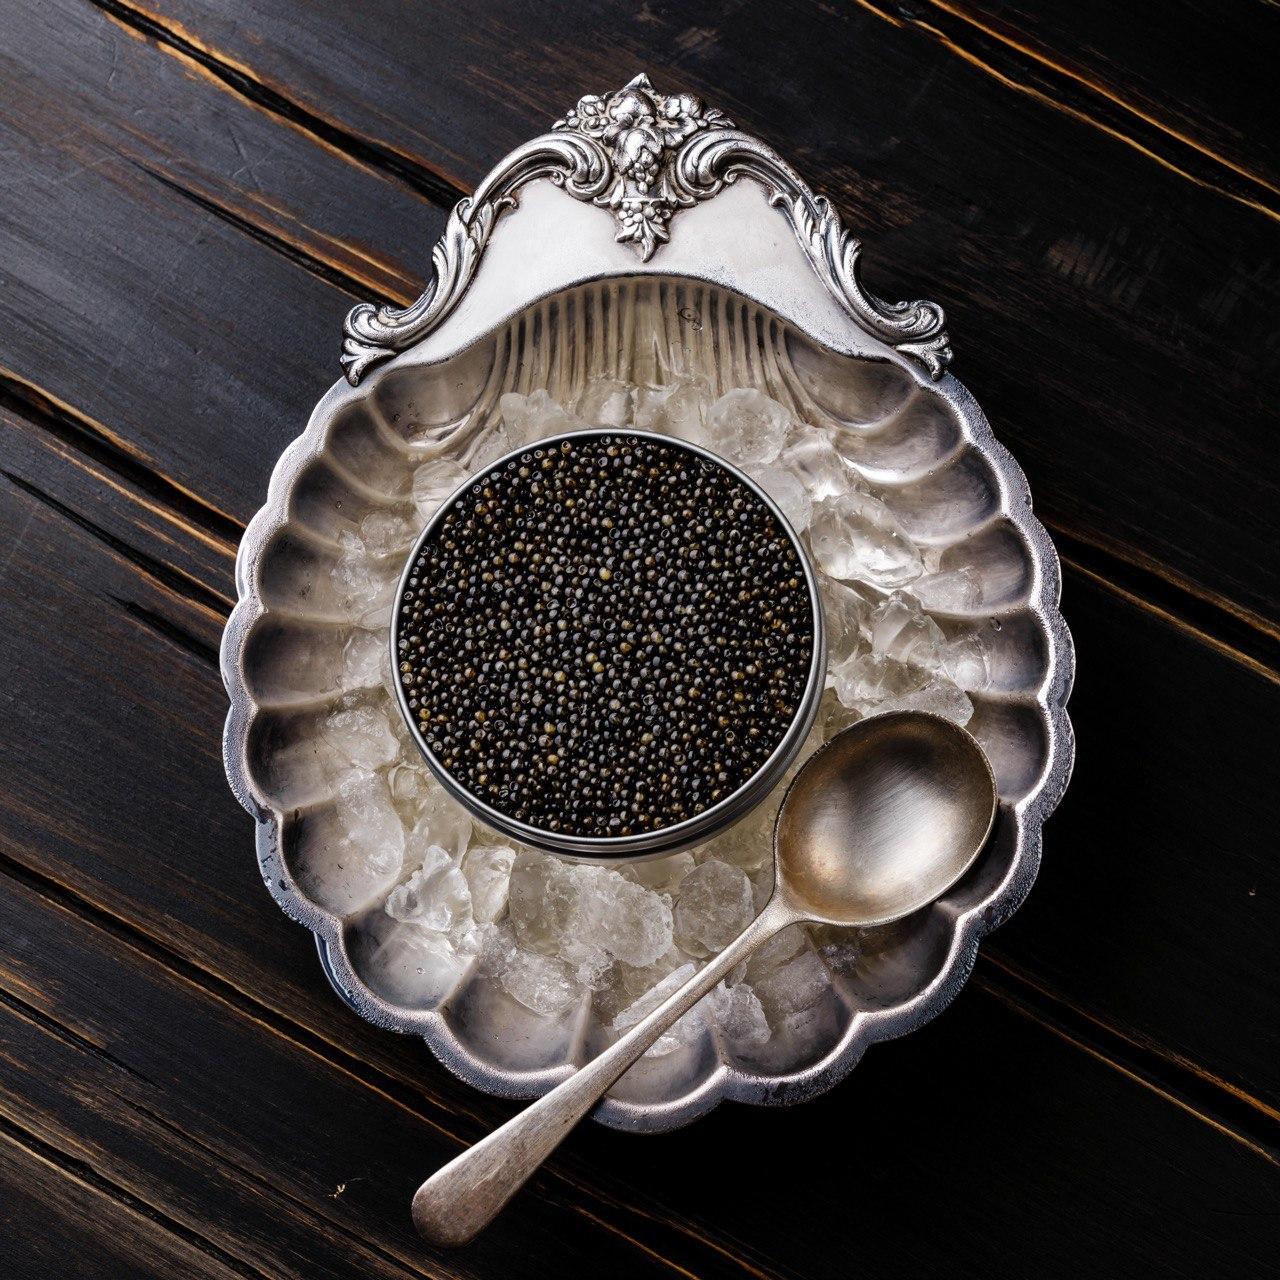 Black caviar DELUXE 100g